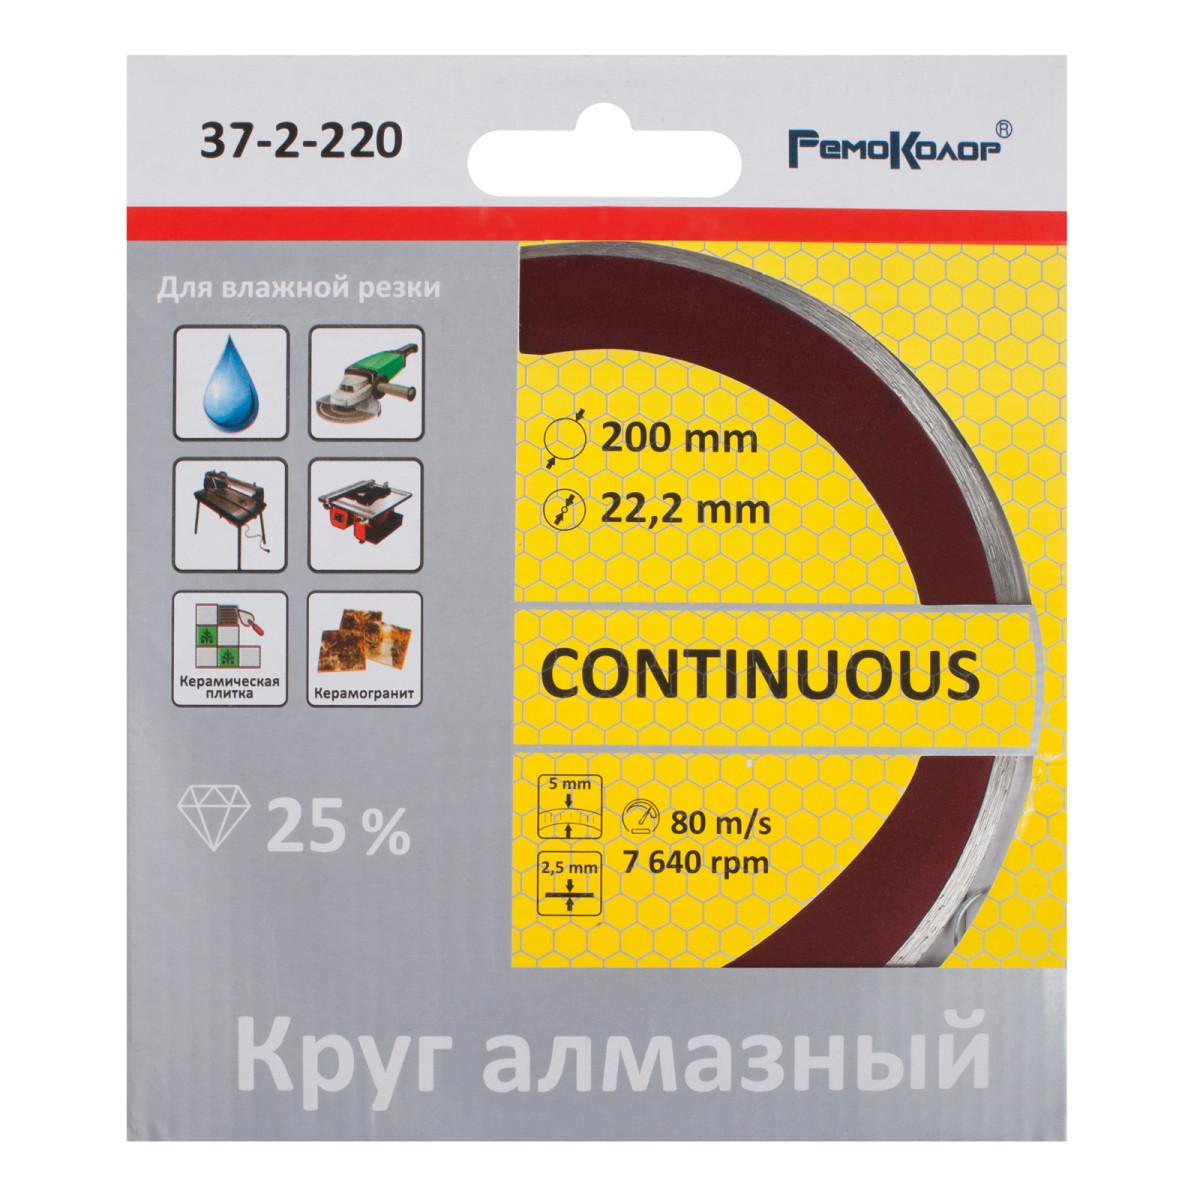 Диск Алмазный Ремоколор 200Х222 37-2-220